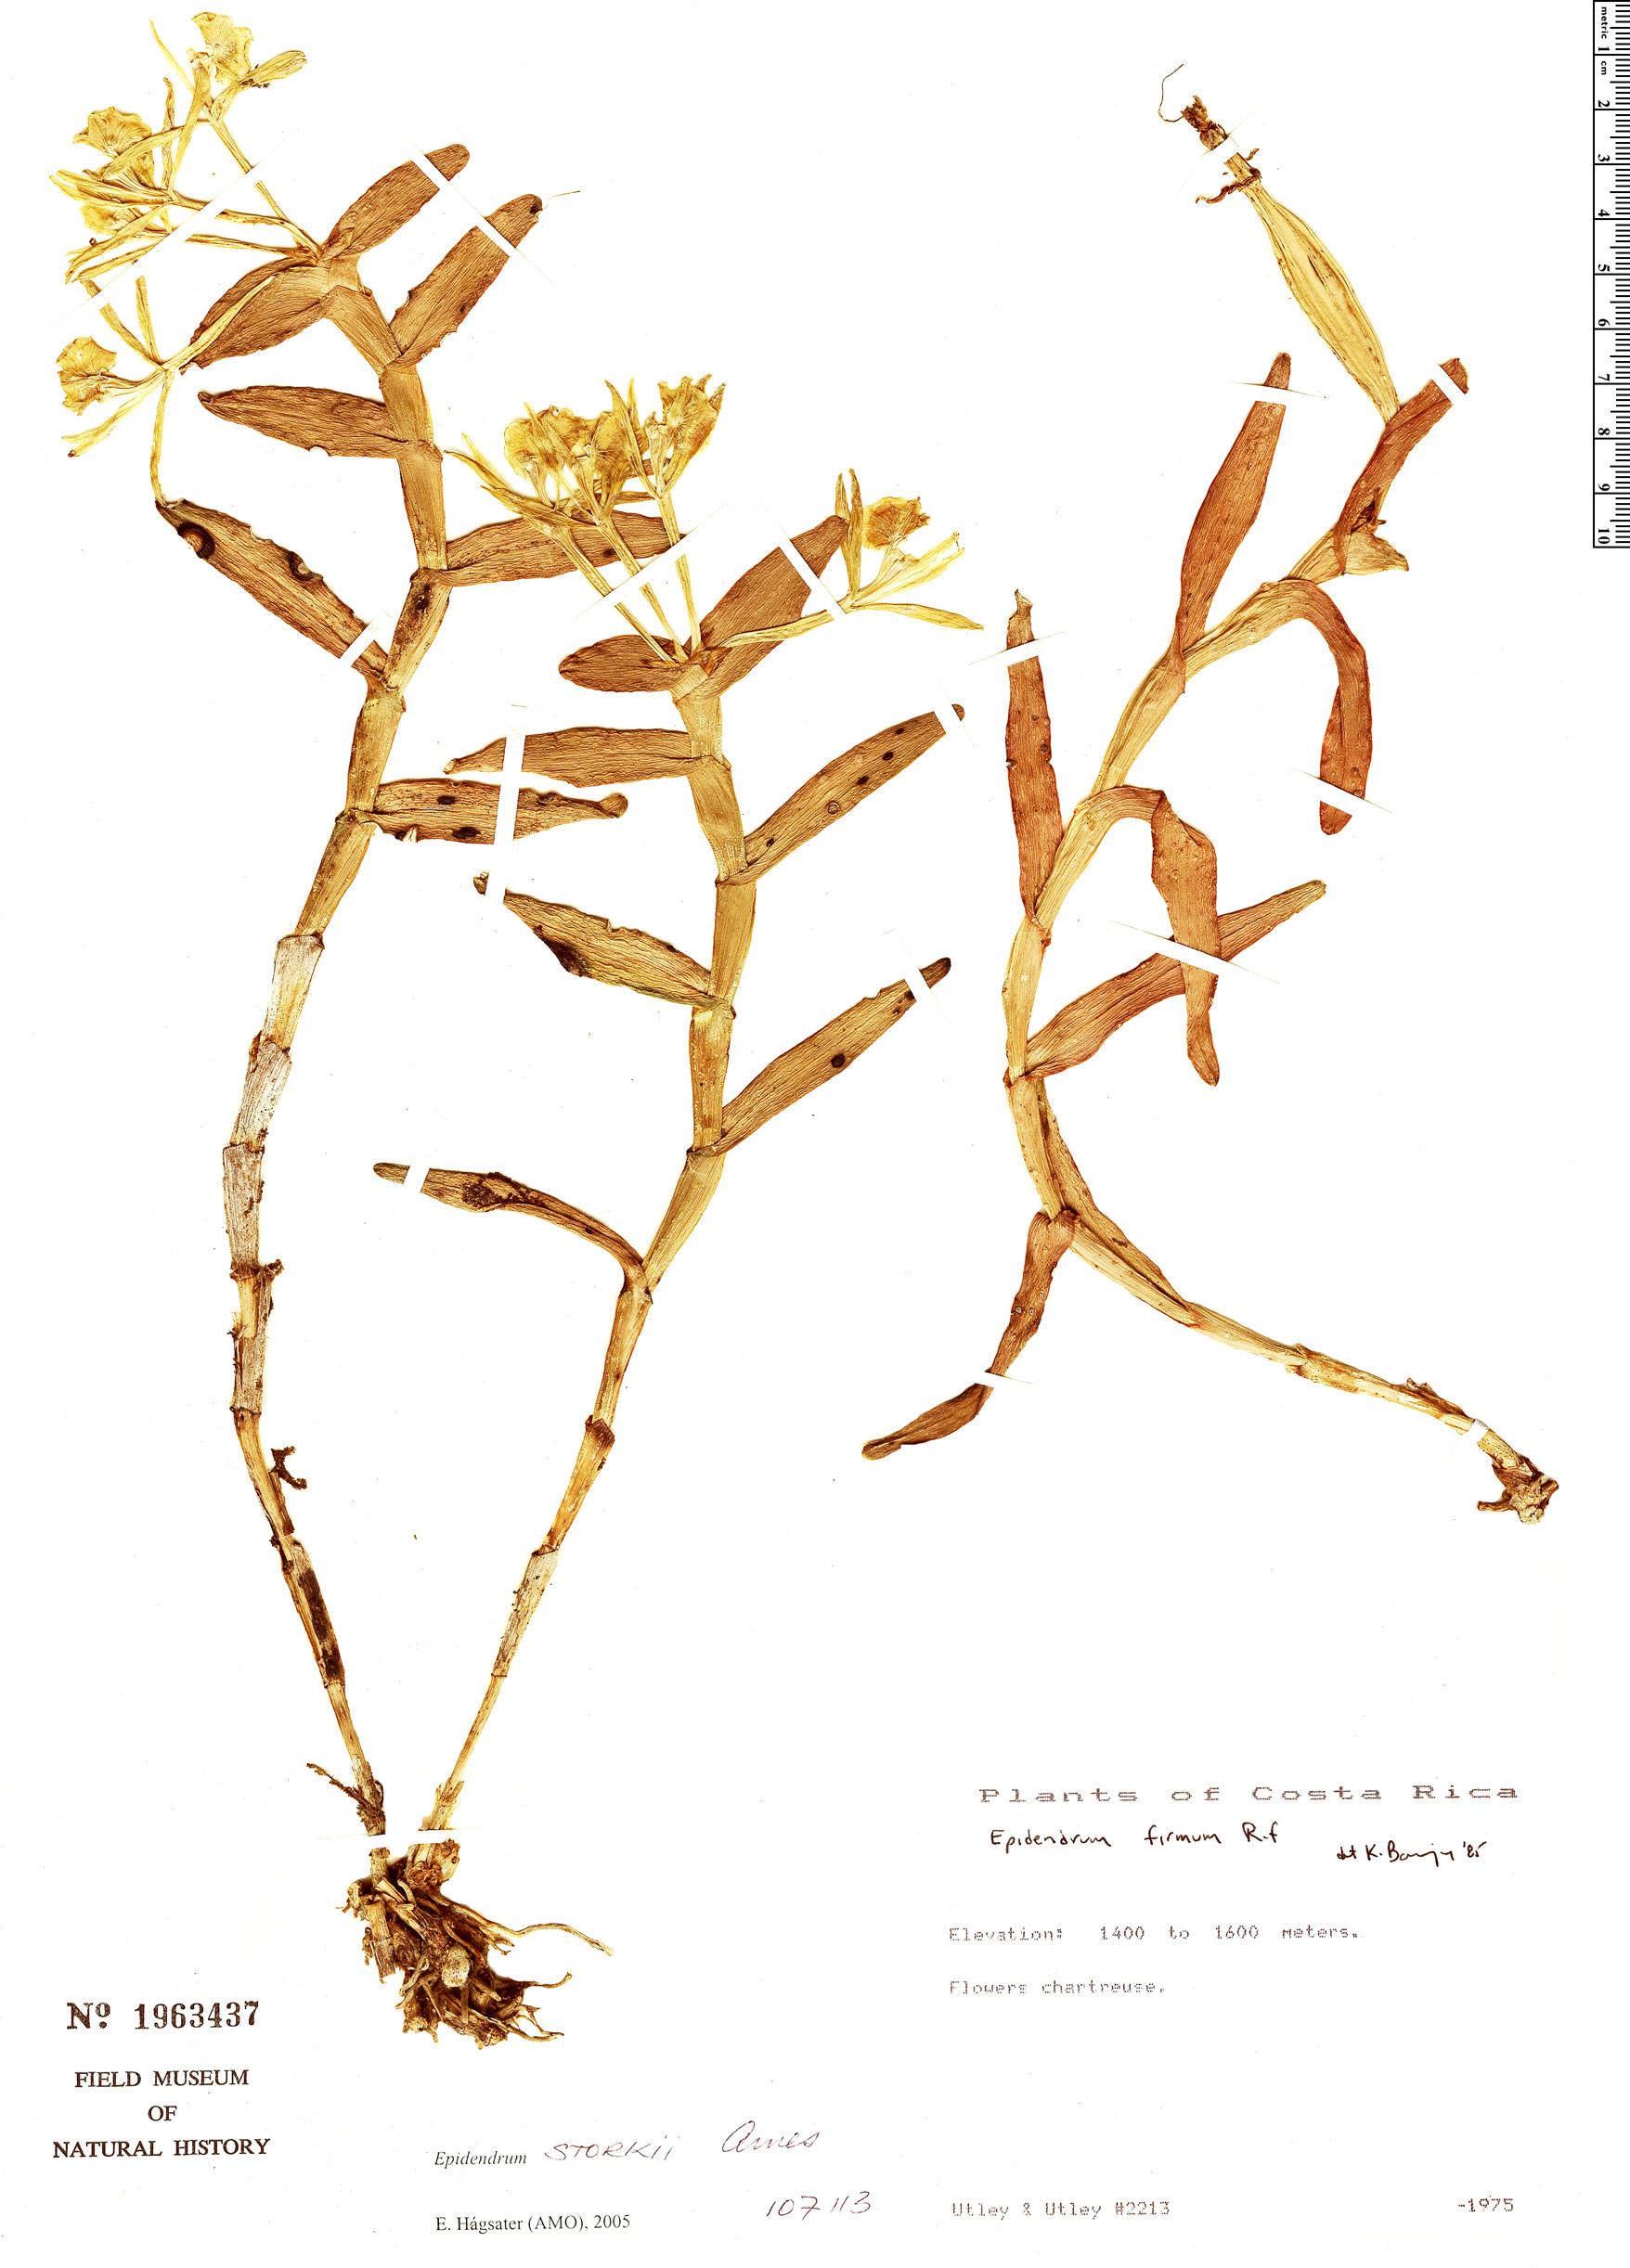 Specimen: Epidendrum storkii